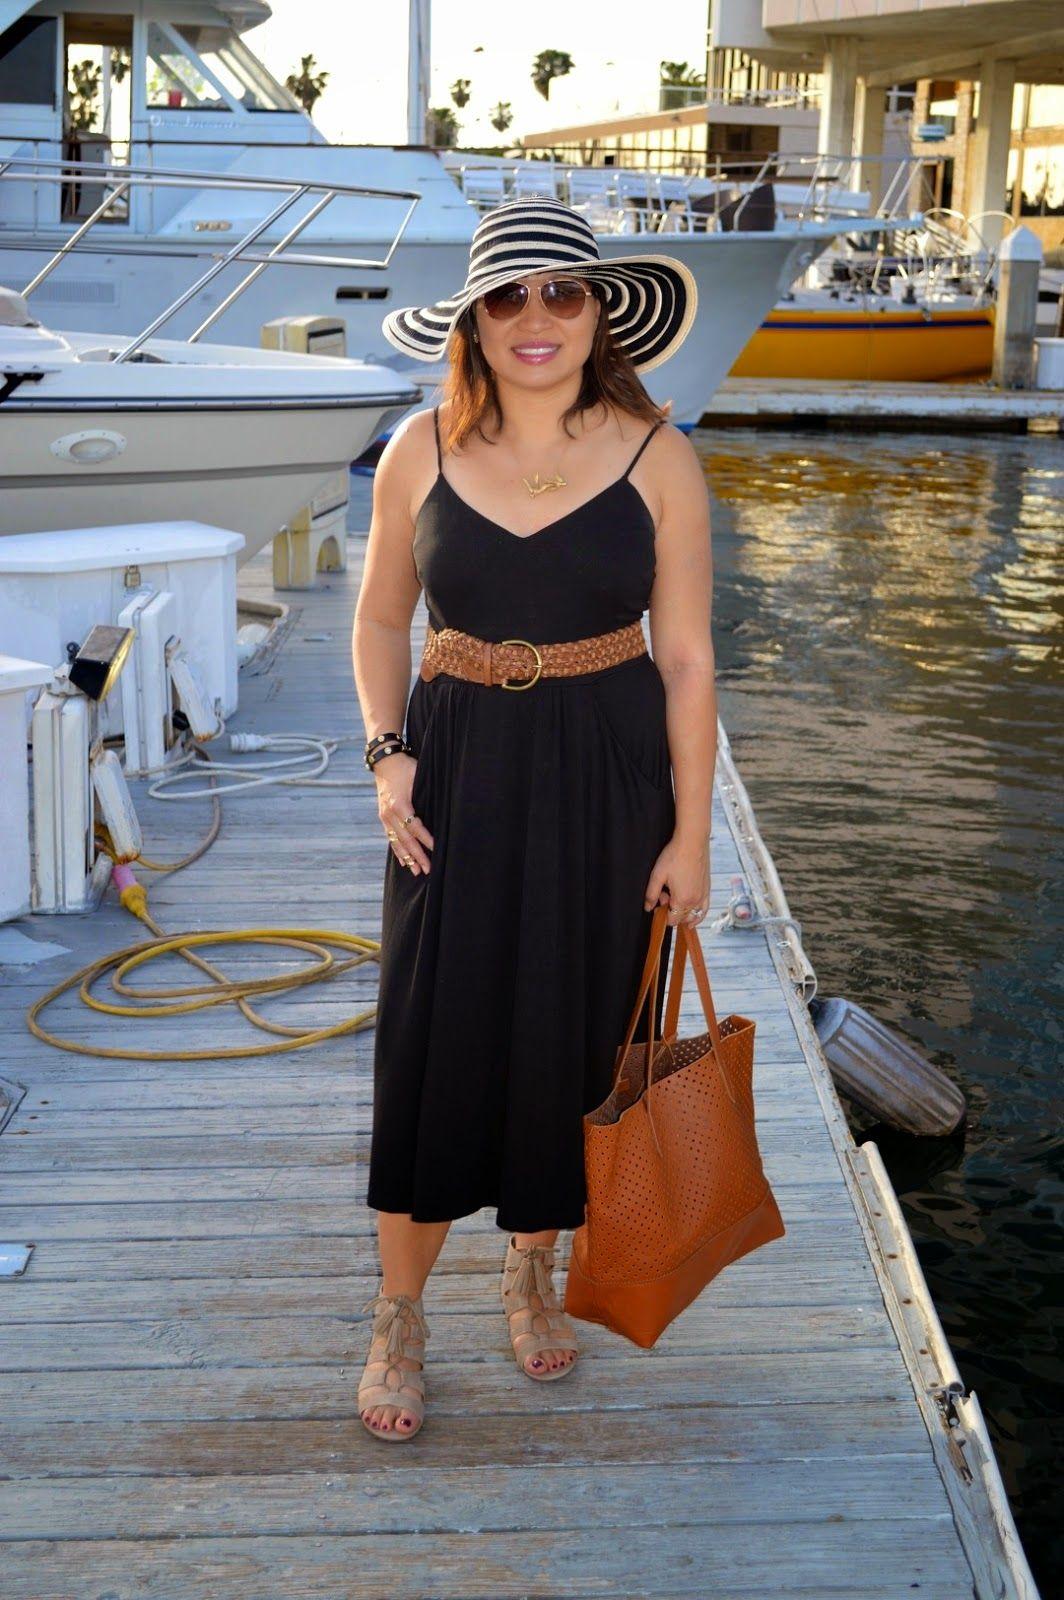 Over 40 Fashion Fashion Over 40 Oc Blogger Newport